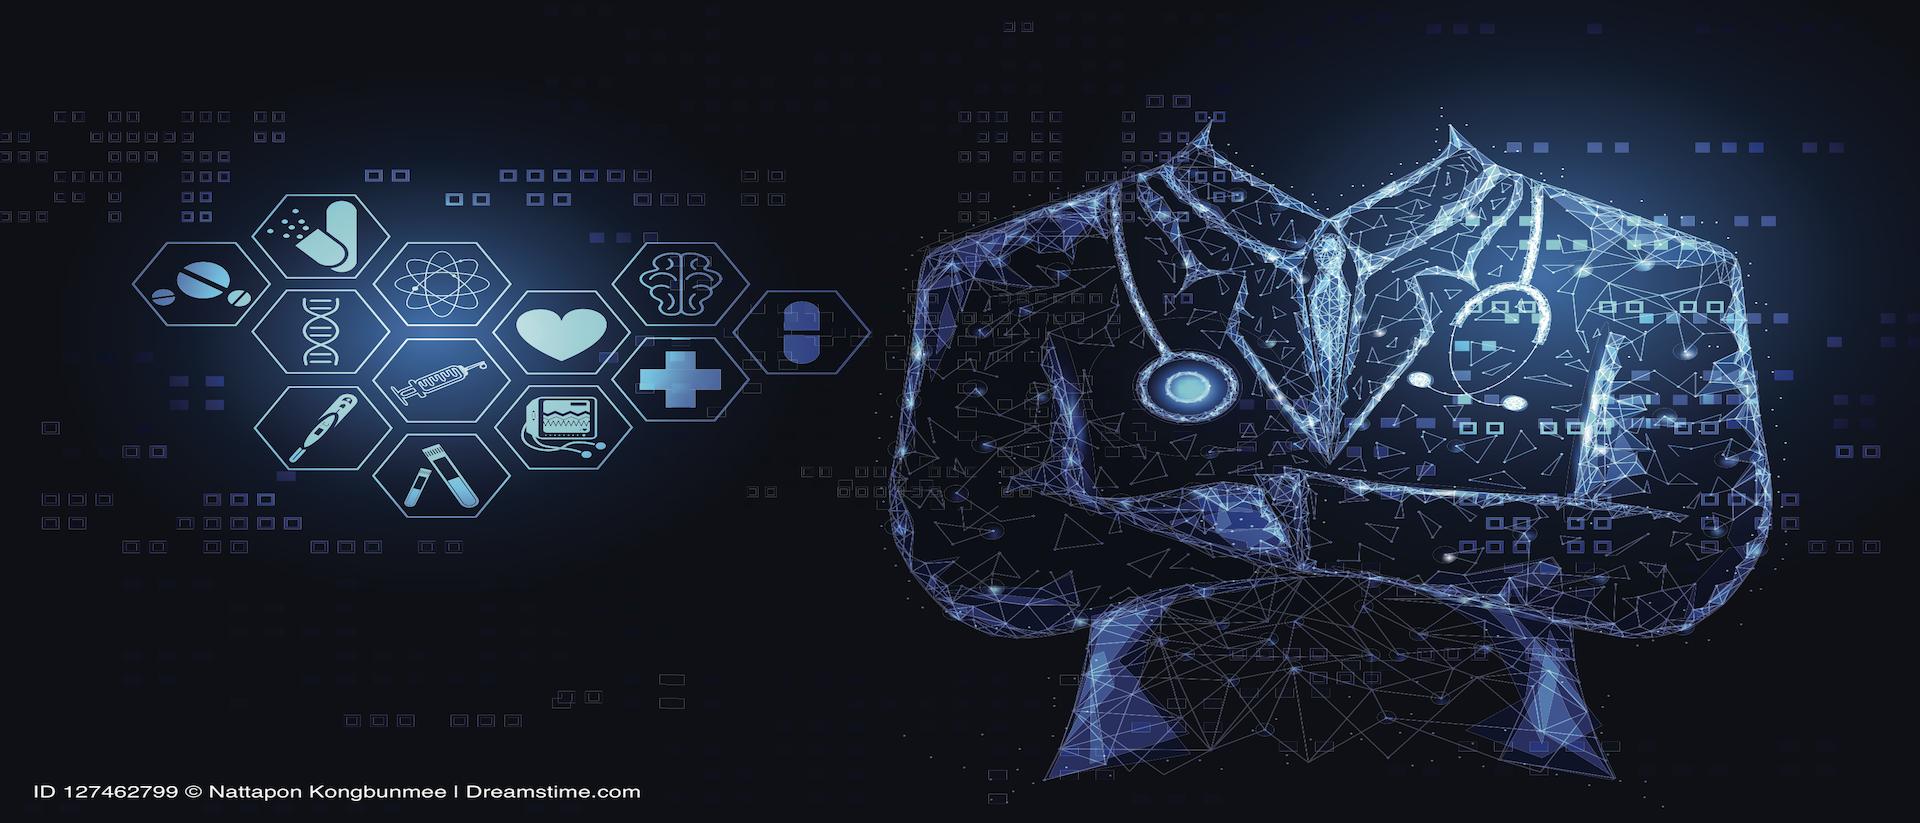 Formation Intelligence Artificielle et dispositifs médicaux : l'heure est aux propositions concrètes !